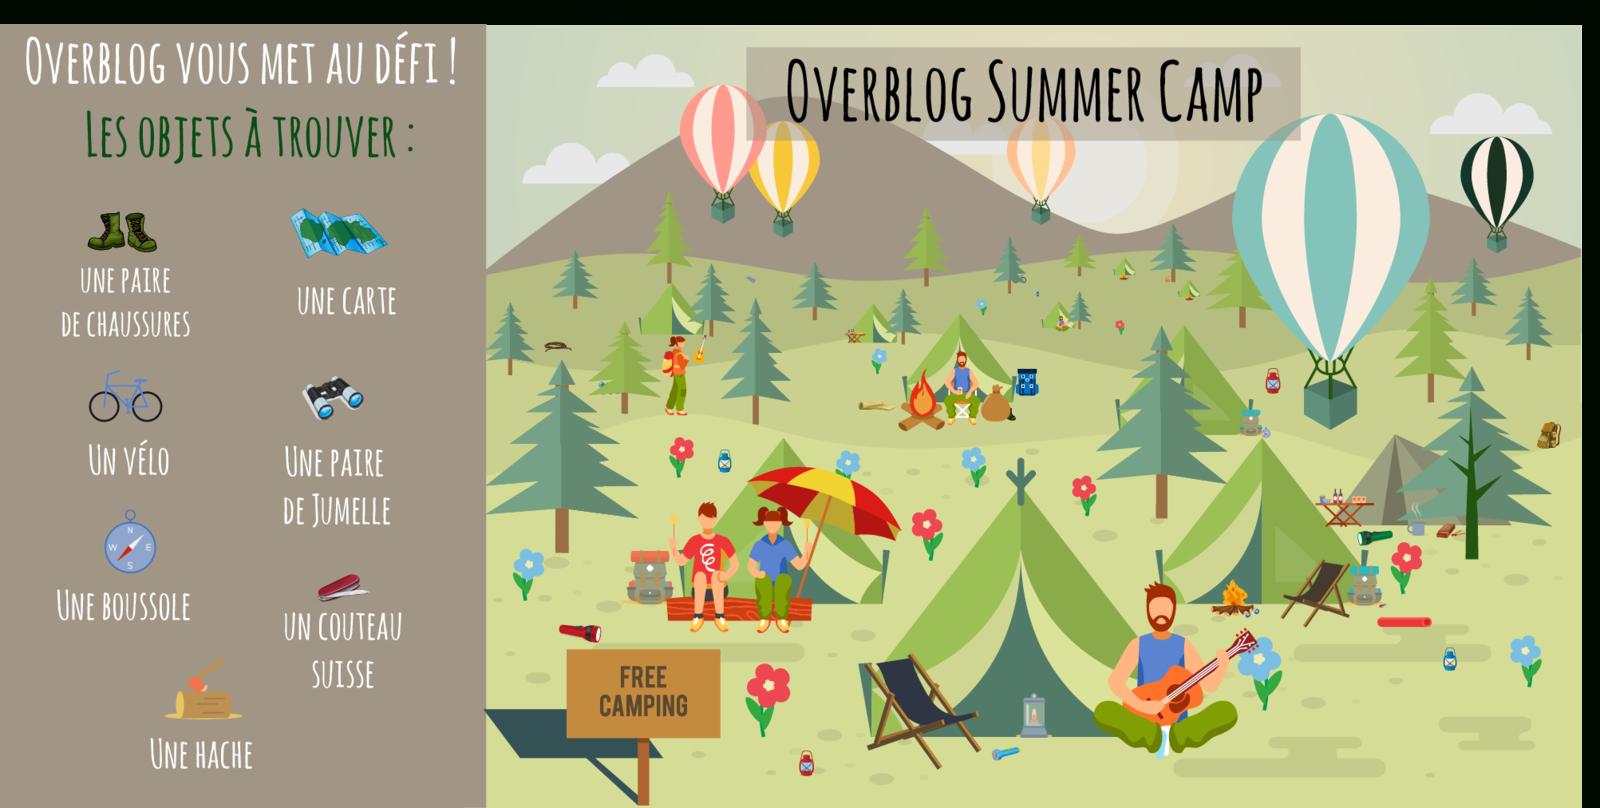 Jeu De L'été : Trouver Les 7 Objets 👀 - Overblog France pour Jeux Trouver Objet